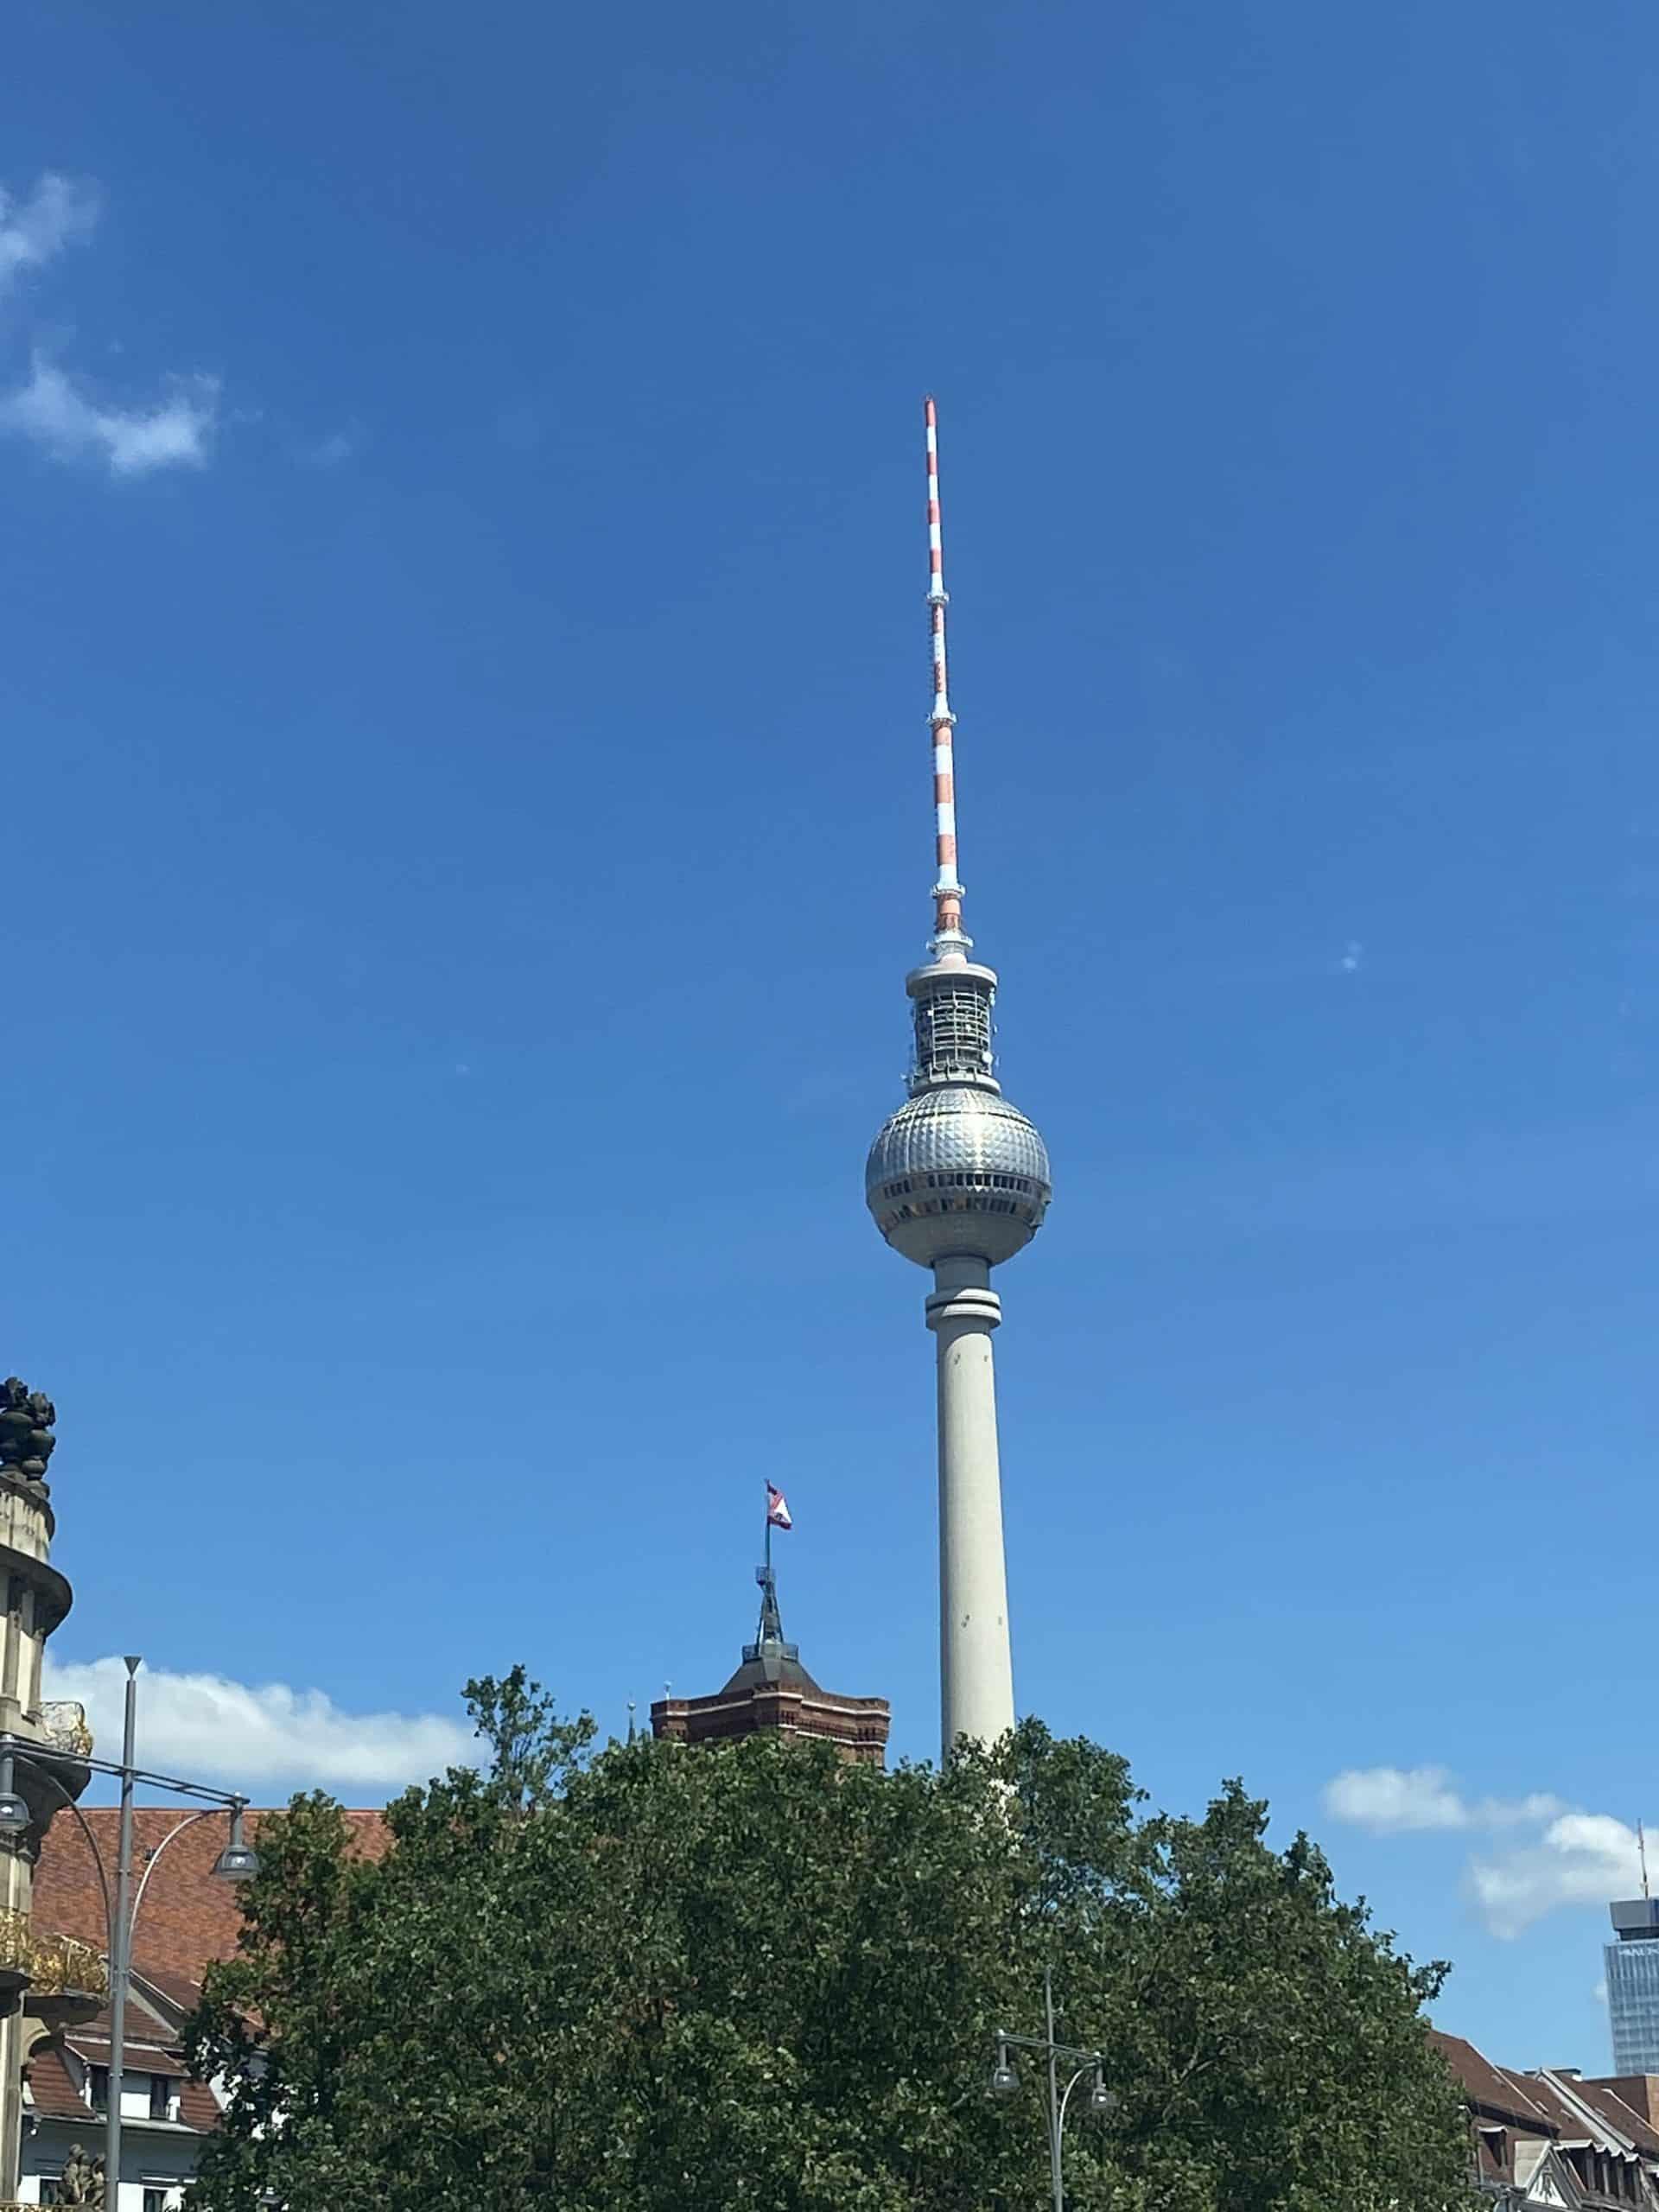 Hach Berlin, immer wieder schön das Zuhause.